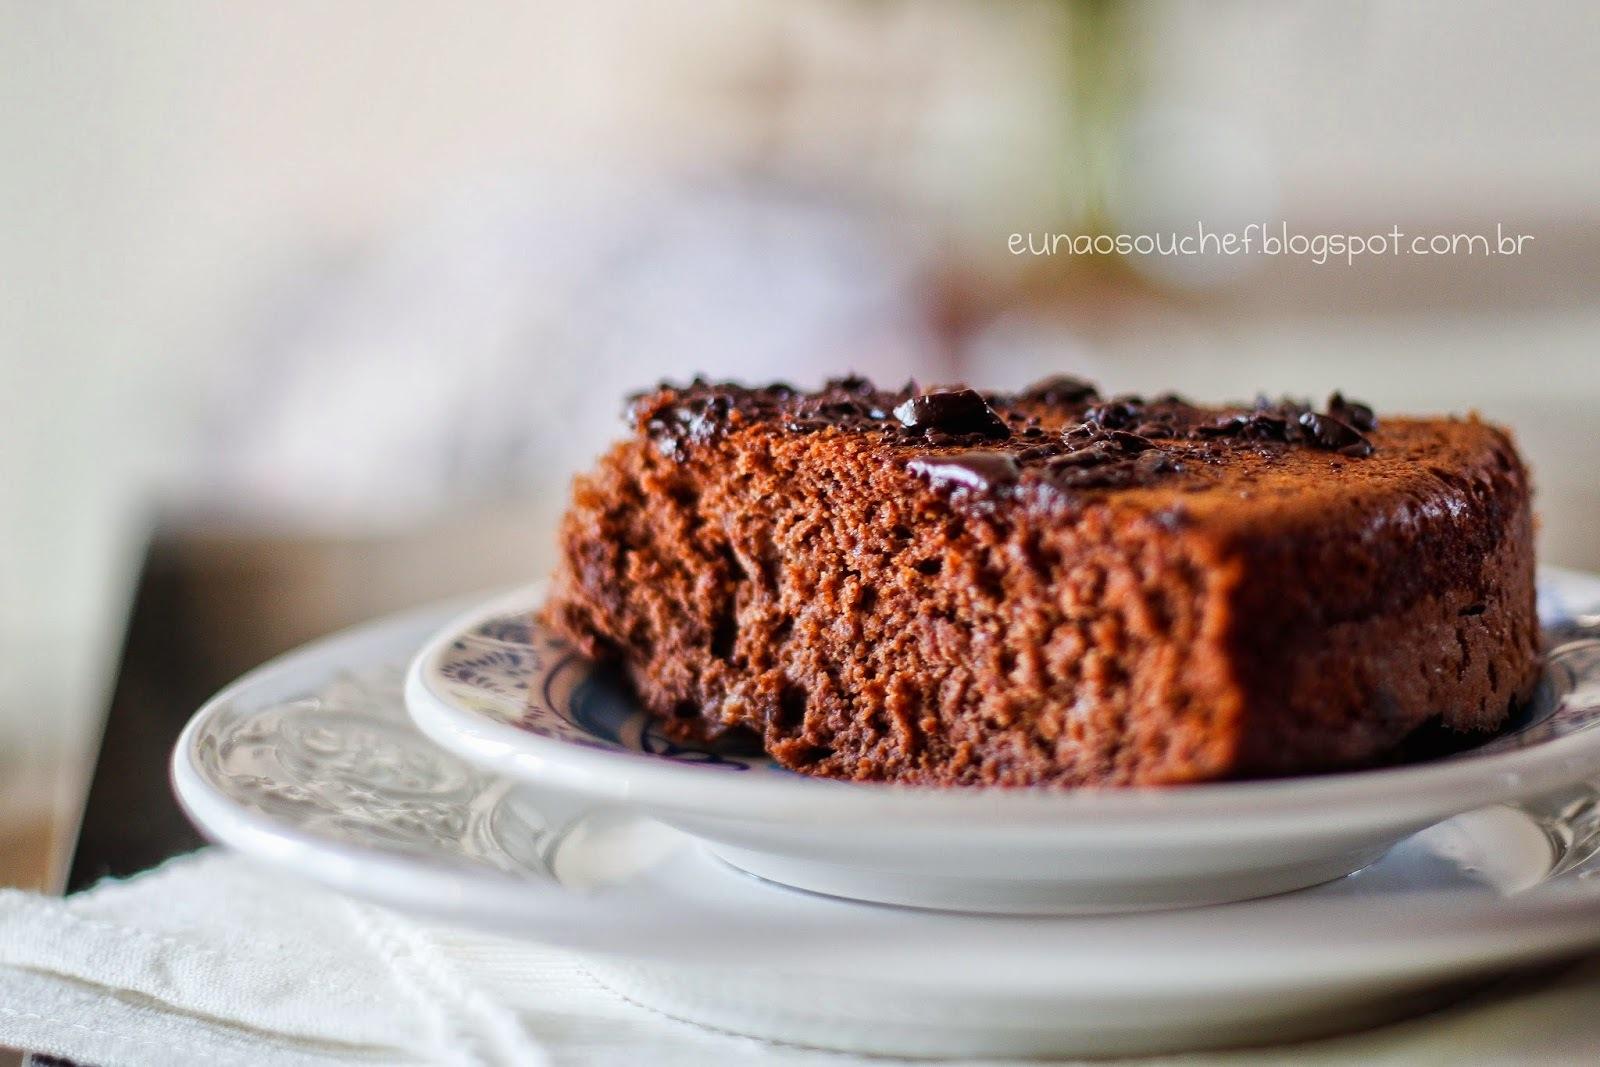 de bolo de milho verde natural cremoso